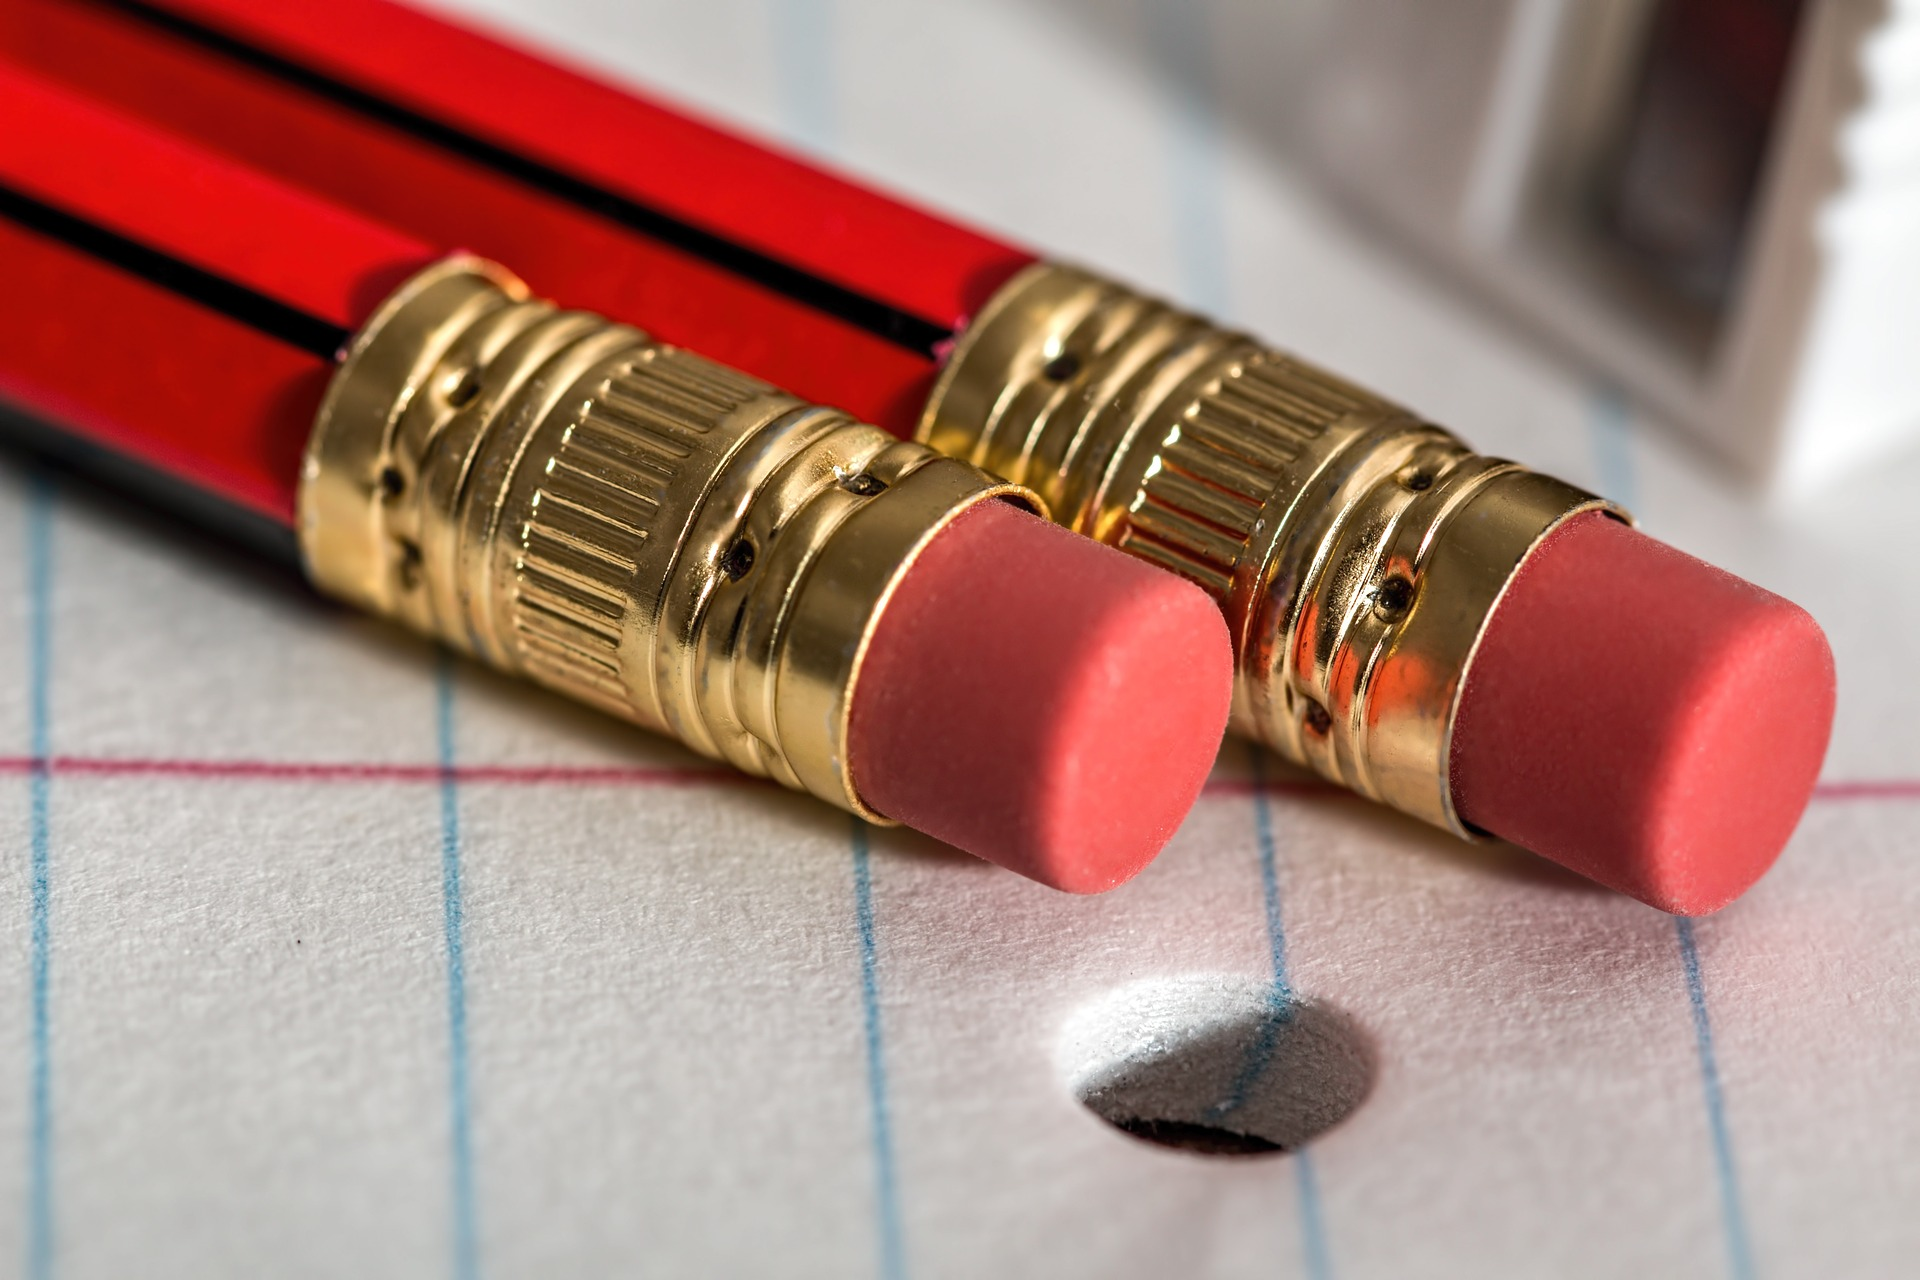 /article/thumbnail.asp?thumb=pencil%2D1037609%5F1920%2Ejpg